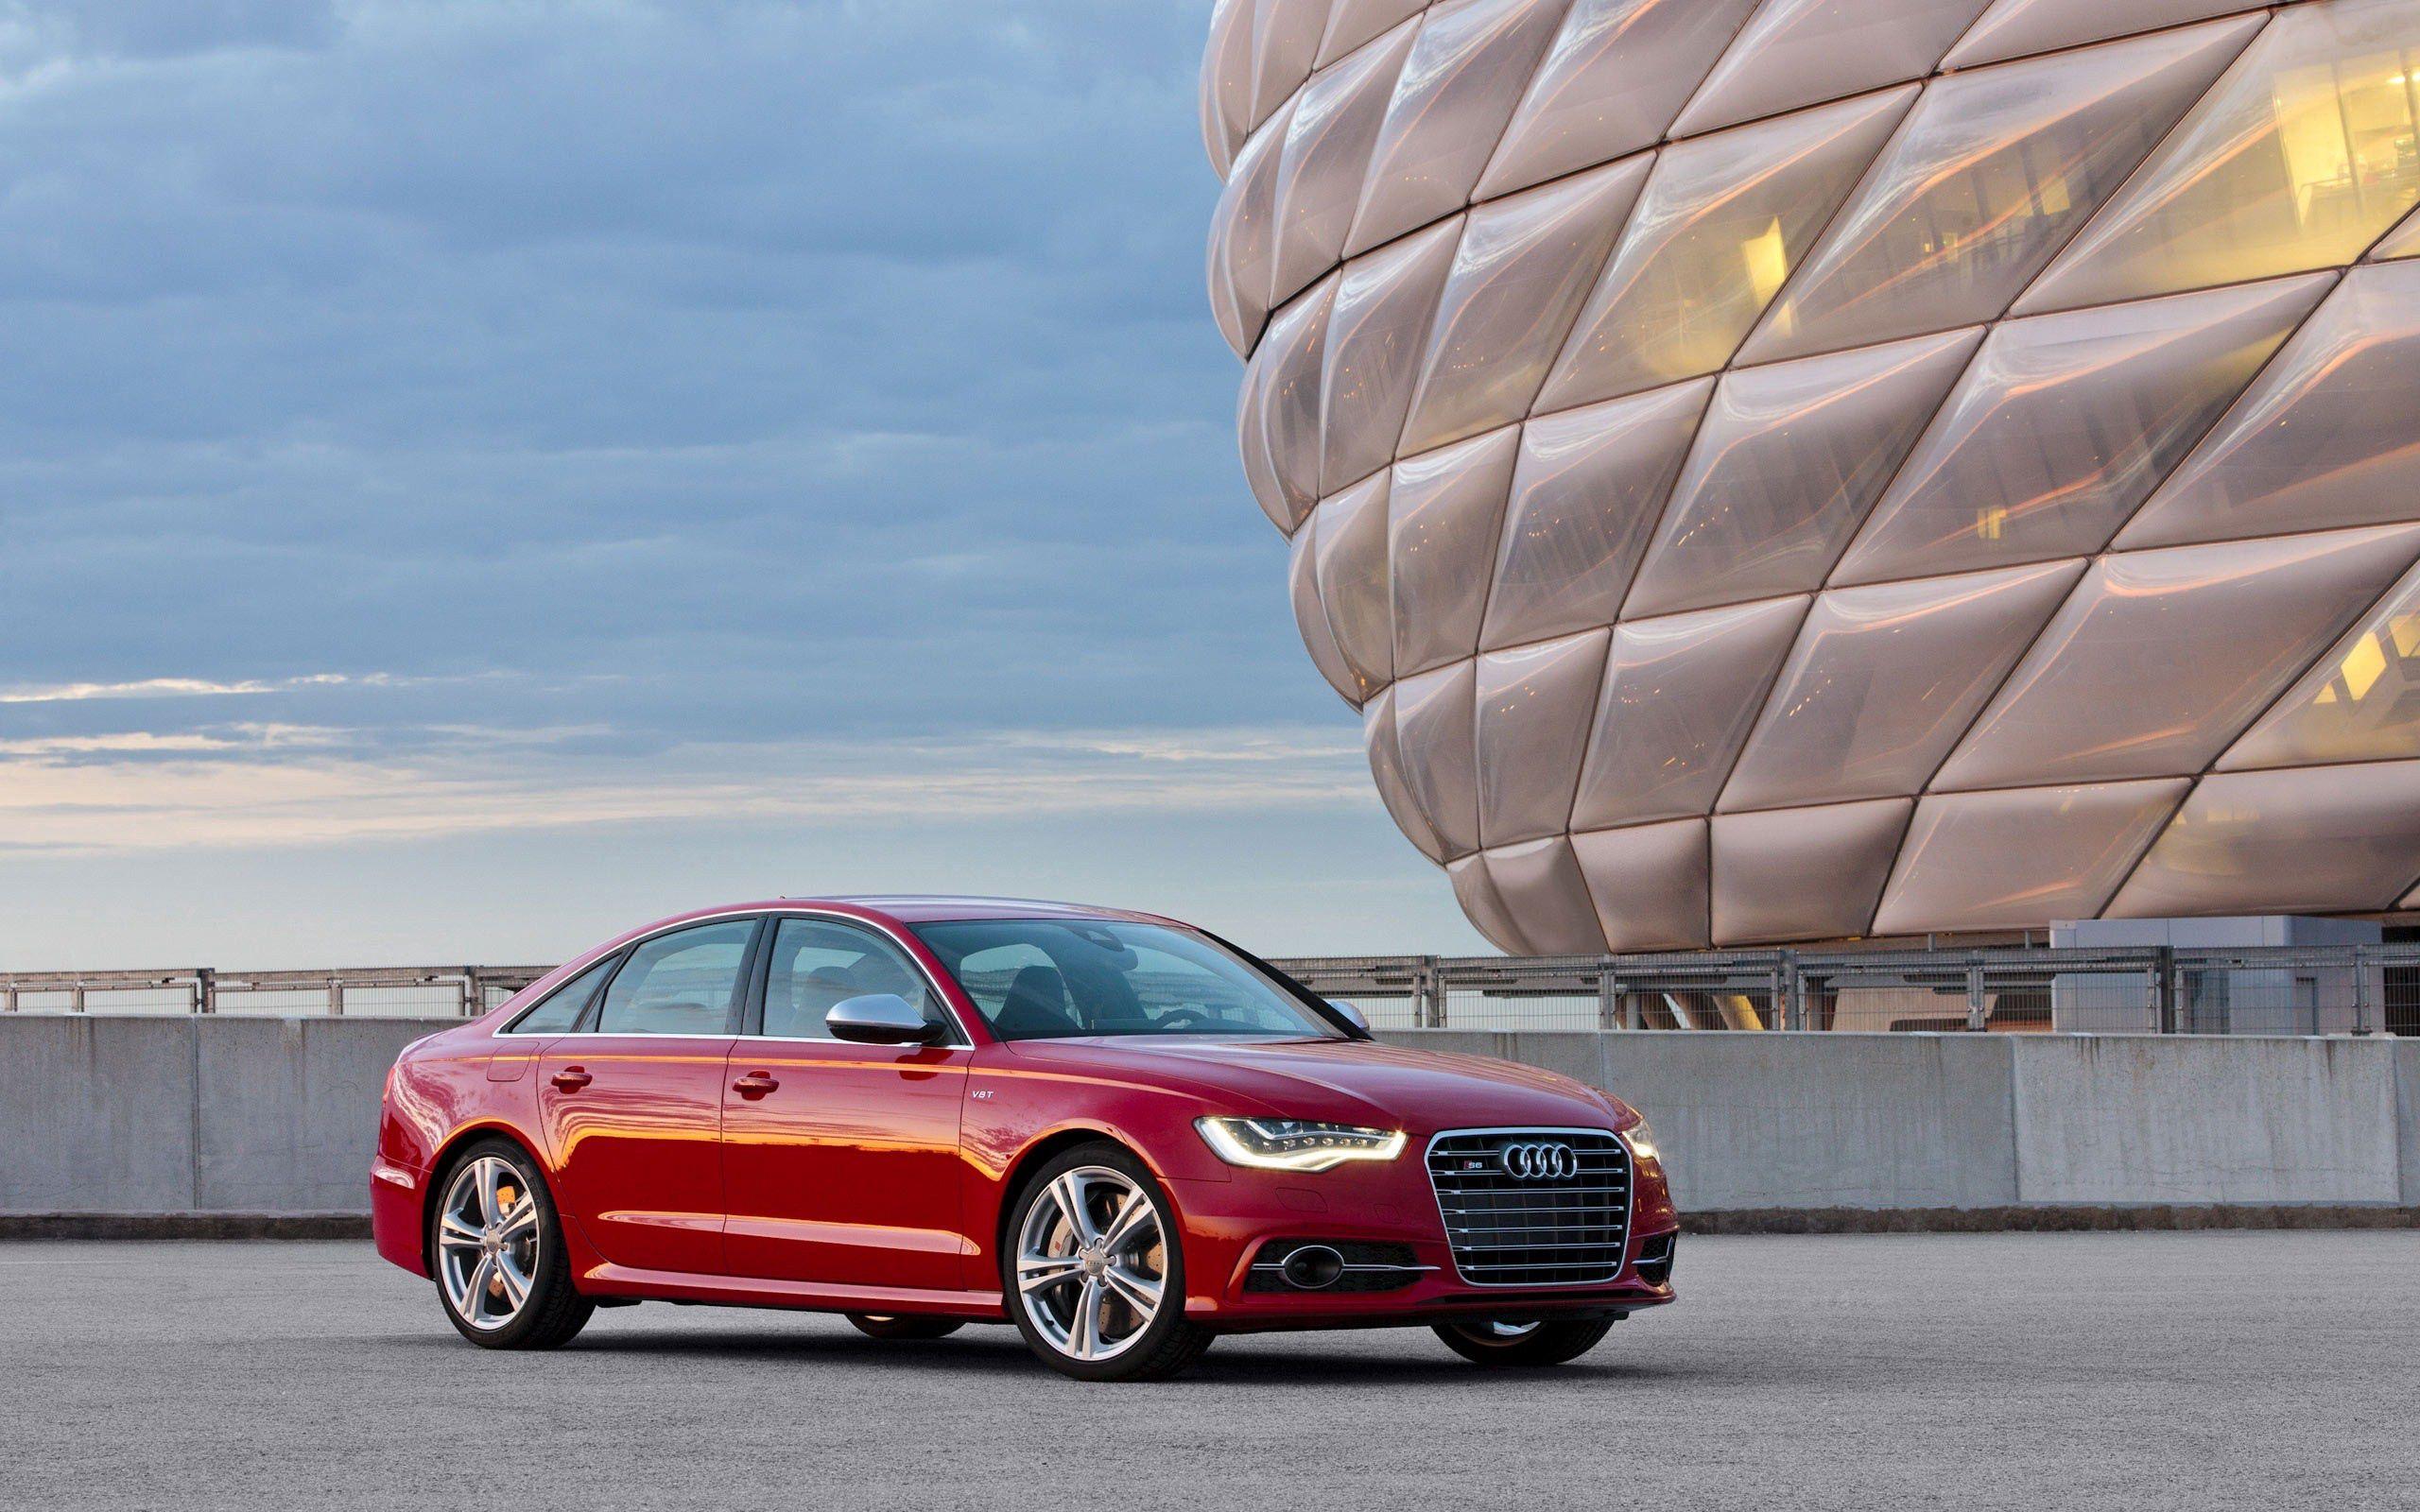 147251 скачать обои Тачки (Cars), Audi S6, Машины, Красный, Новинка, 2014 - заставки и картинки бесплатно